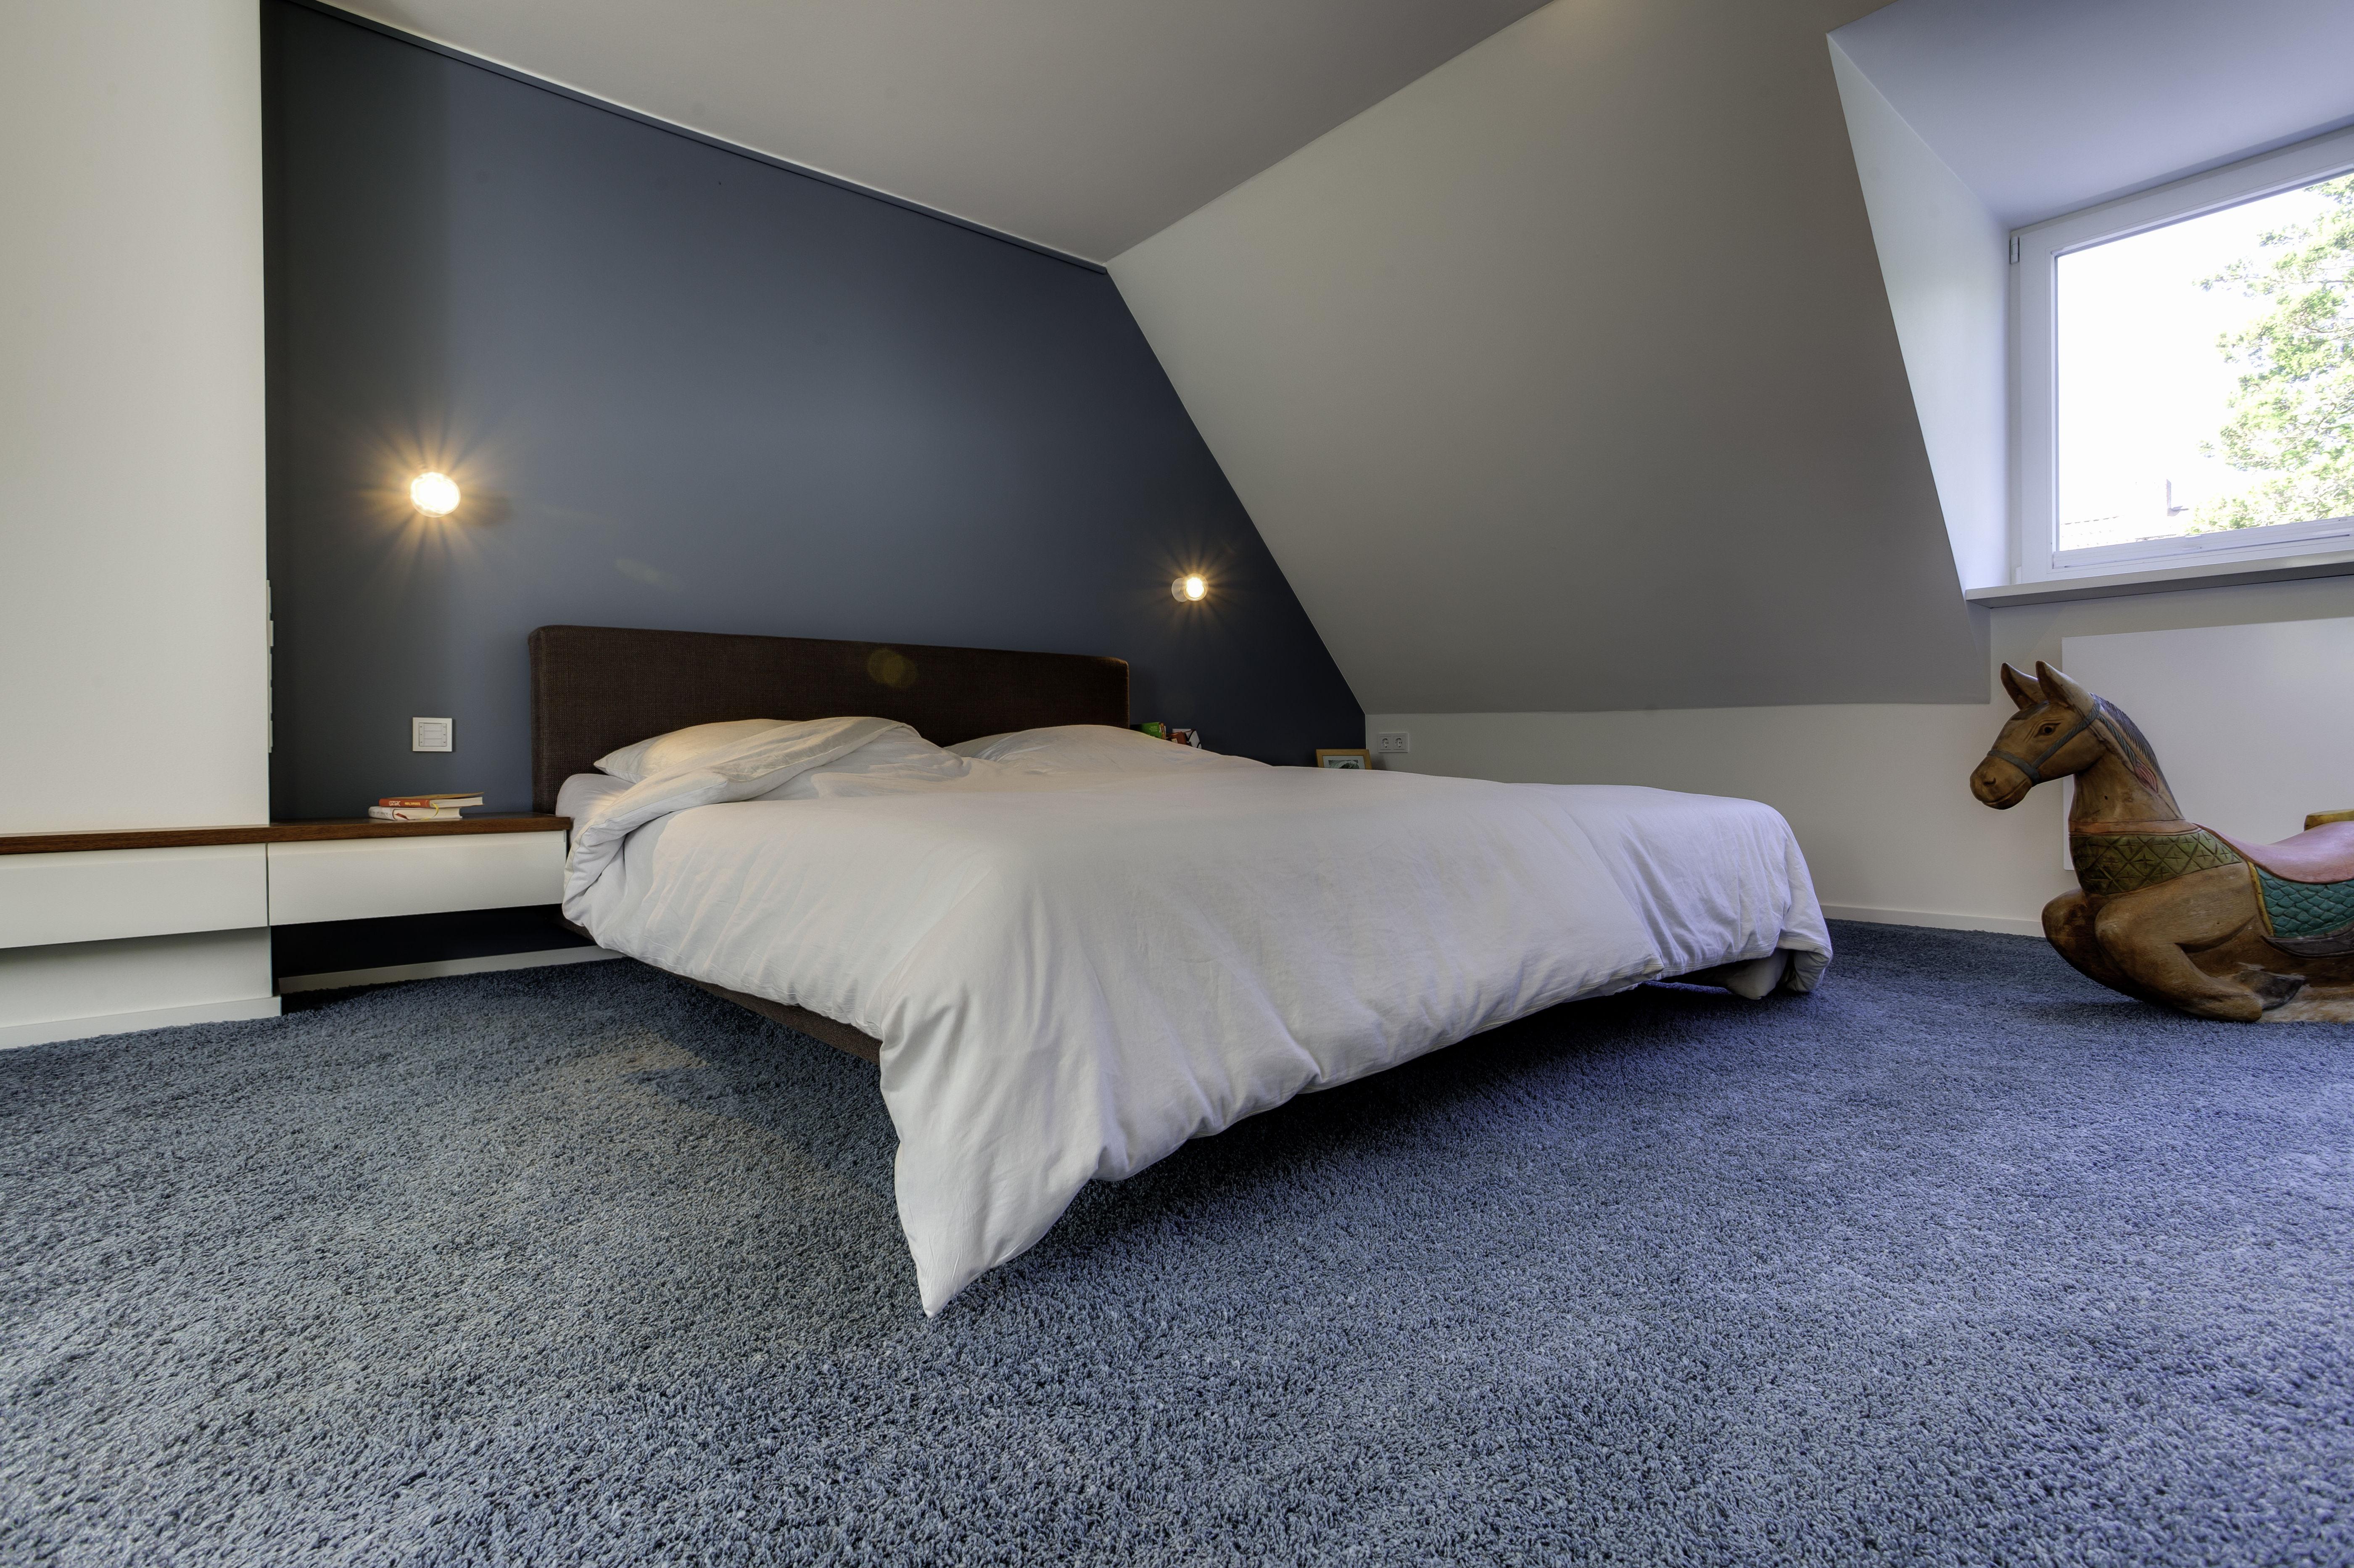 Schlafkomfort im Dachgeschoss - bauemotion.de